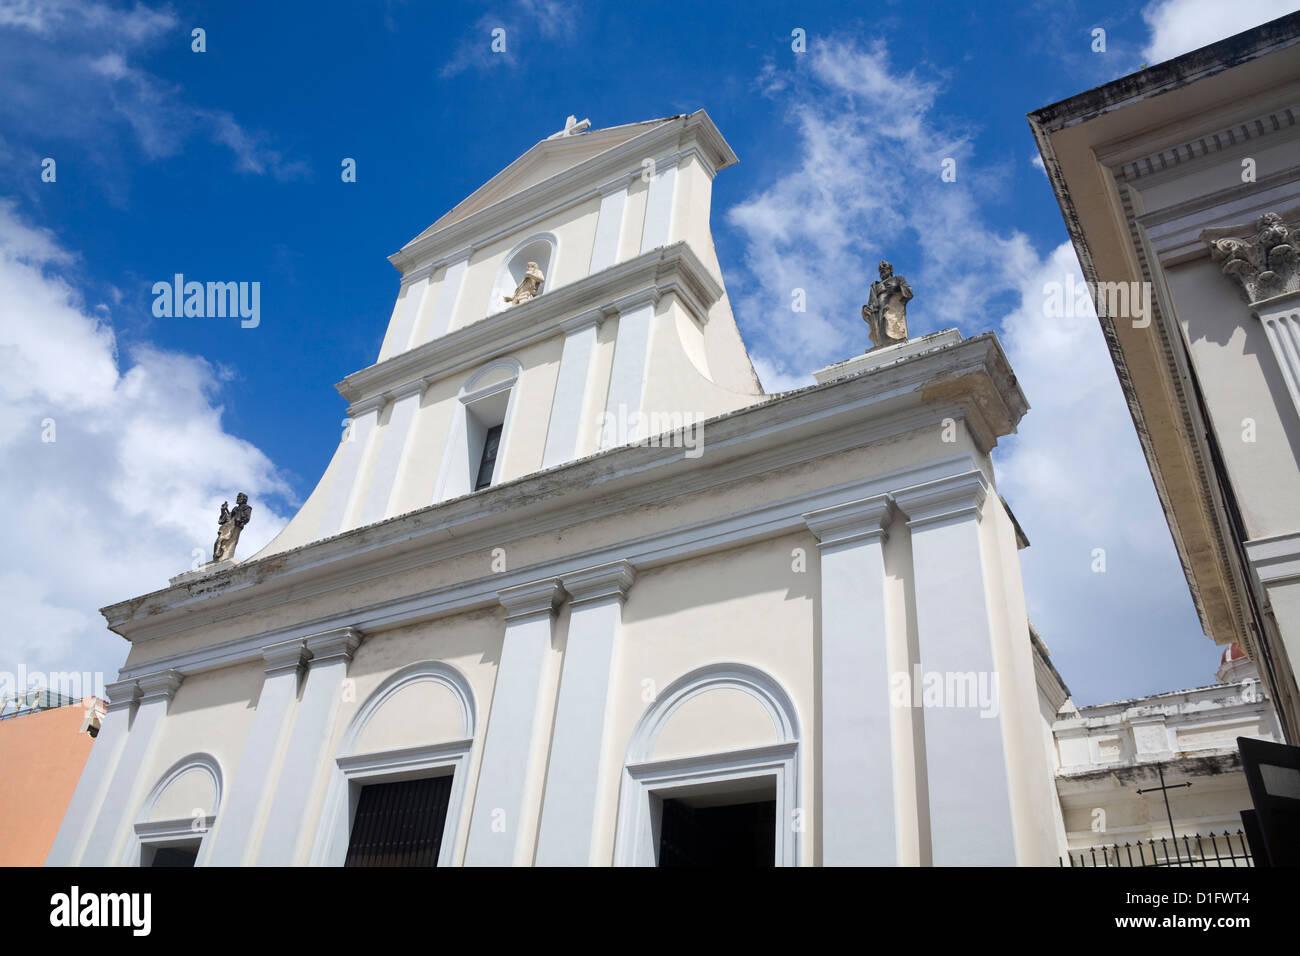 Catedral de San Juan, Puerto Rico, la Isla de Las Antillas, el Caribe, Estados Unidos de América, América Imagen De Stock